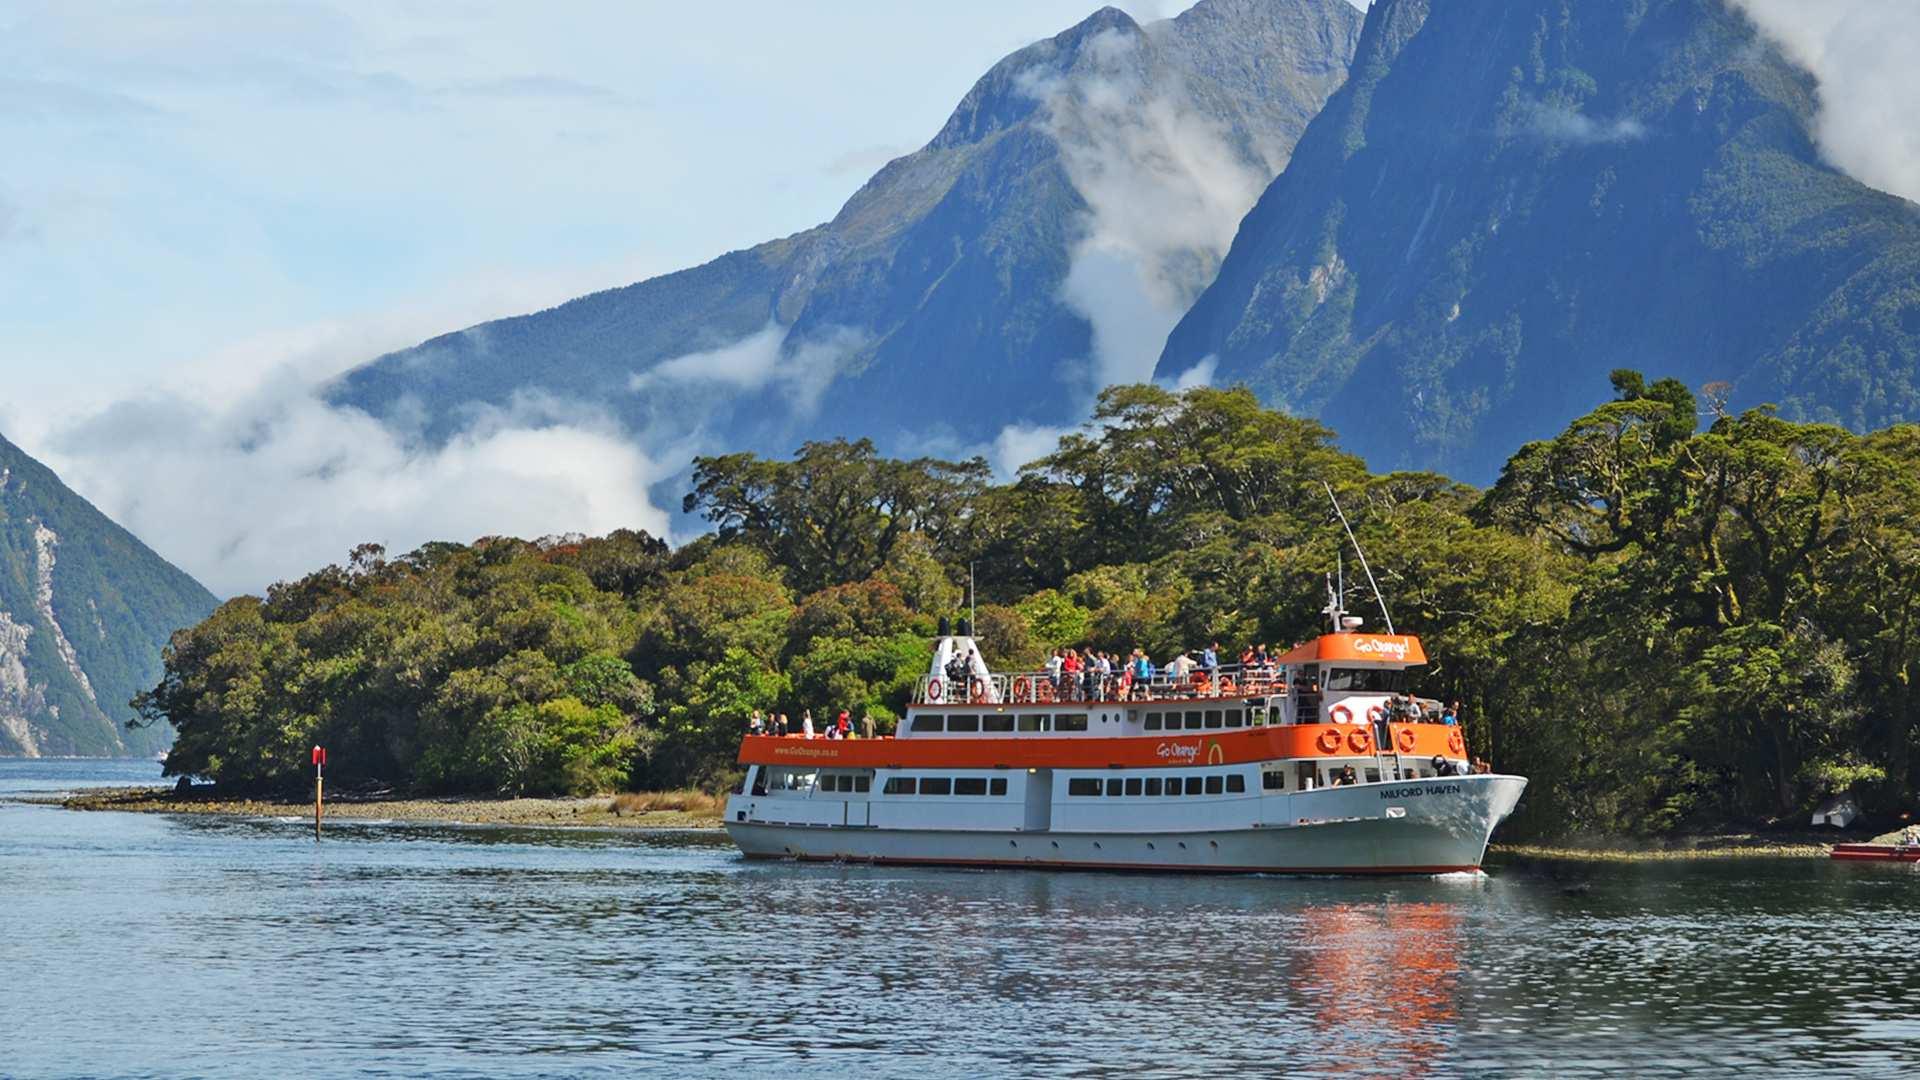 【紐西蘭米佛峽灣交通套票】皇后鎮 / 蒂阿瑙觀光巴士 遊船票券